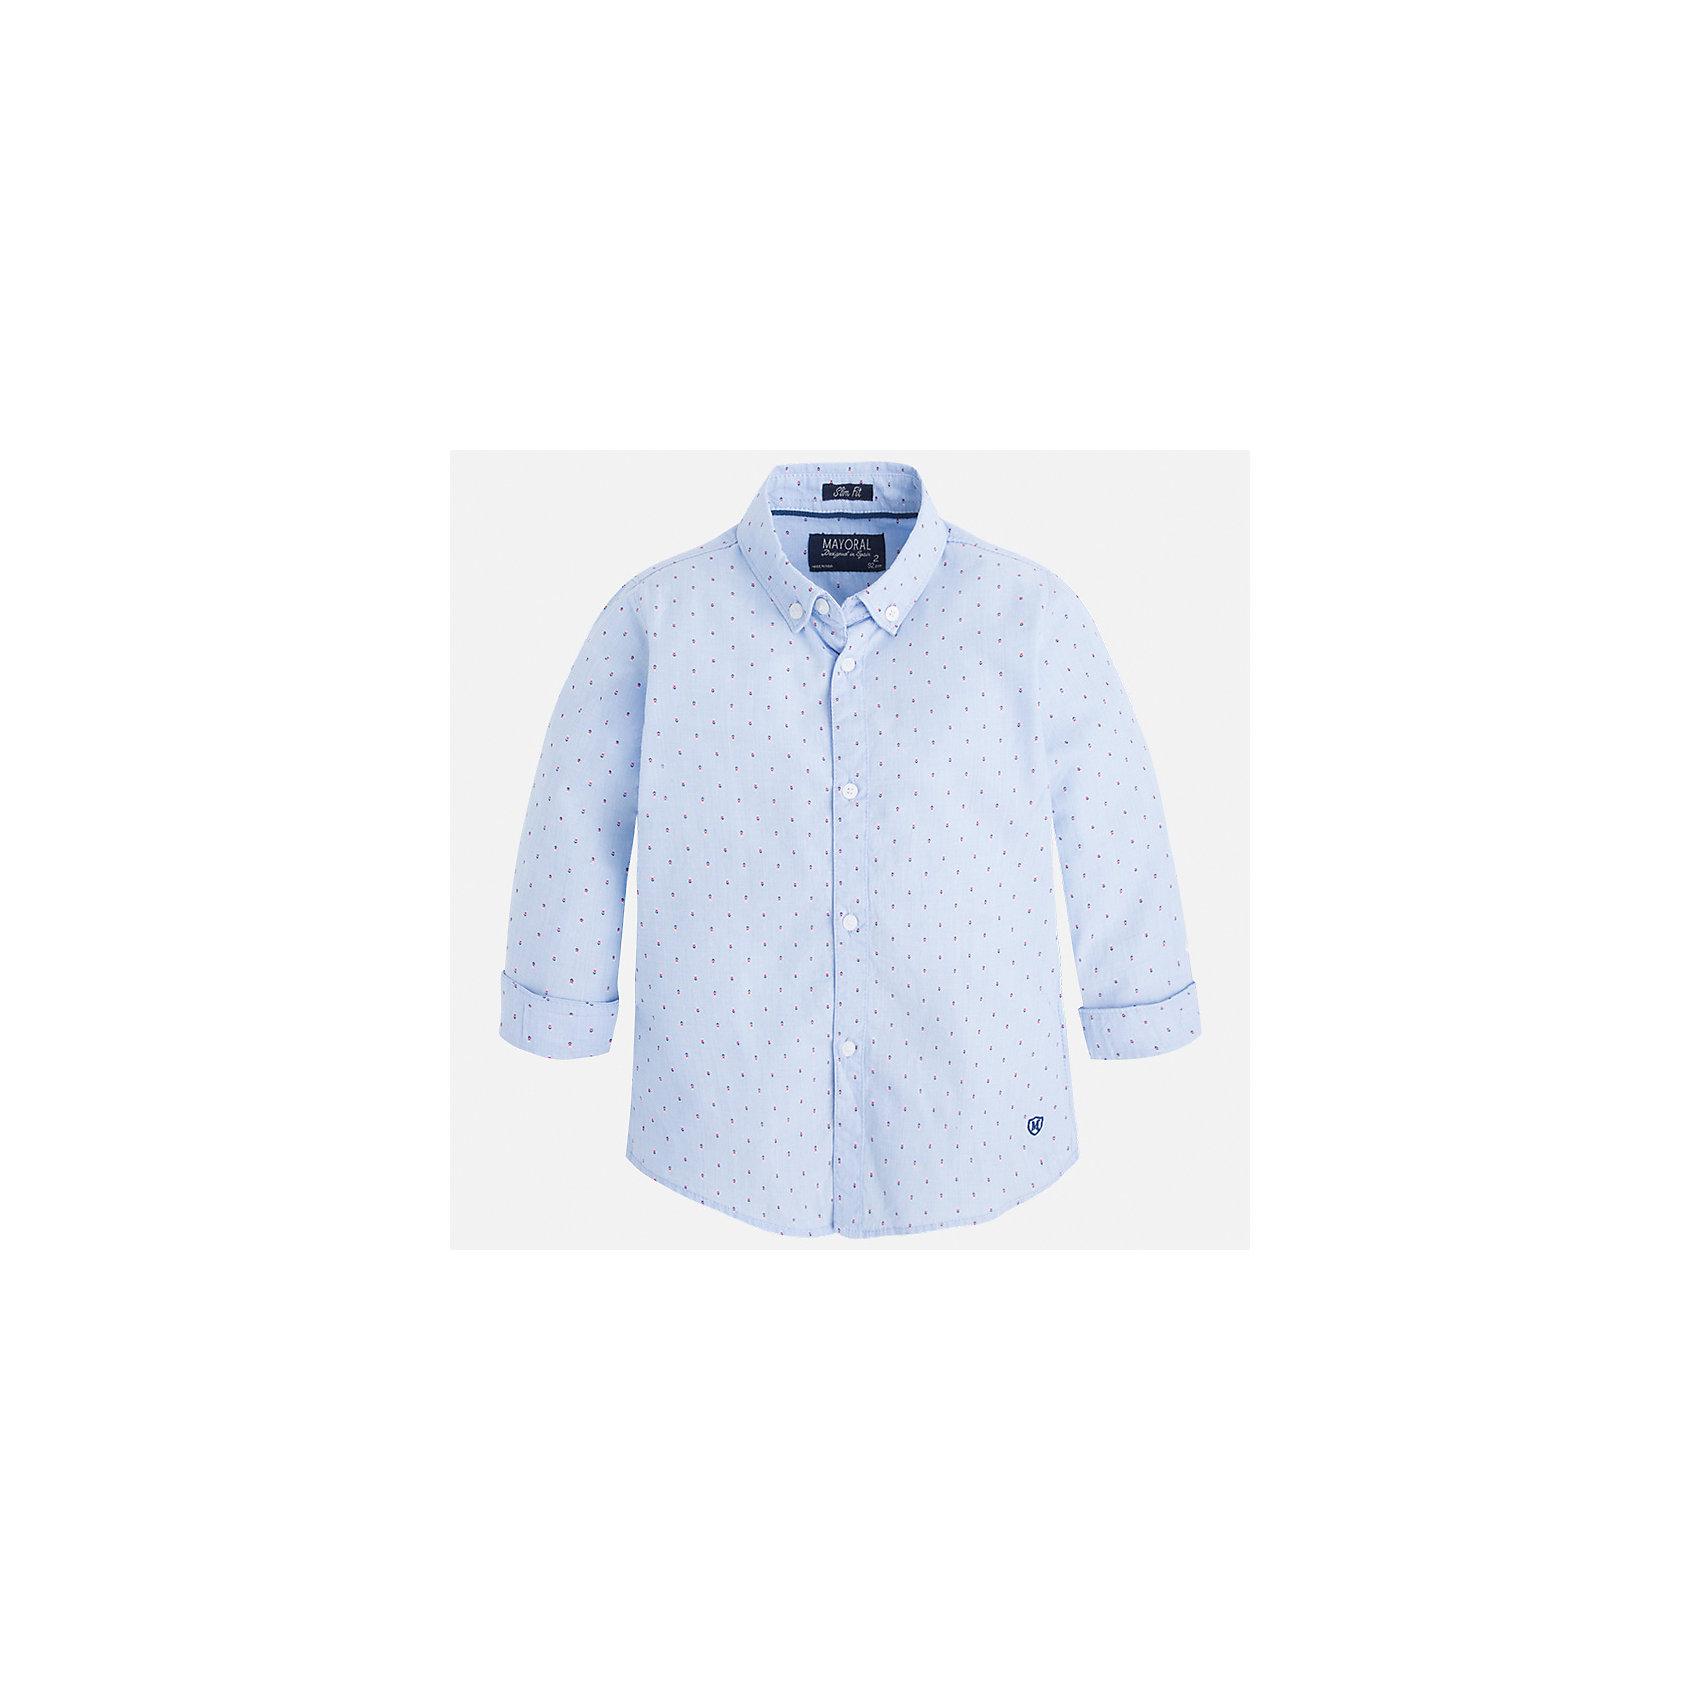 Рубашка для мальчика MayoralБлузки и рубашки<br>Характеристики товара:<br><br>• цвет: голубой<br>• состав: 100% хлопок<br>• отложной воротник<br>• рукава с отворотами<br>• застежка: пуговицы<br>• вышивка<br>• страна бренда: Испания<br><br>Стильная рубашка-поло для мальчика может стать базовой вещью в гардеробе ребенка. Она отлично сочетается с брюками, шортами, джинсами и т.д. Универсальный крой и цвет позволяет подобрать к вещи низ разных расцветок. Практичное и стильное изделие! В составе материала - только натуральный хлопок, гипоаллергенный, приятный на ощупь, дышащий.<br><br>Одежда, обувь и аксессуары от испанского бренда Mayoral полюбились детям и взрослым по всему миру. Модели этой марки - стильные и удобные. Для их производства используются только безопасные, качественные материалы и фурнитура. Порадуйте ребенка модными и красивыми вещами от Mayoral! <br><br>Рубашку-поло для мальчика от испанского бренда Mayoral (Майорал) можно купить в нашем интернет-магазине.<br><br>Ширина мм: 174<br>Глубина мм: 10<br>Высота мм: 169<br>Вес г: 157<br>Цвет: голубой<br>Возраст от месяцев: 60<br>Возраст до месяцев: 72<br>Пол: Мужской<br>Возраст: Детский<br>Размер: 116,134,128,122,110,98,92,104<br>SKU: 5272450